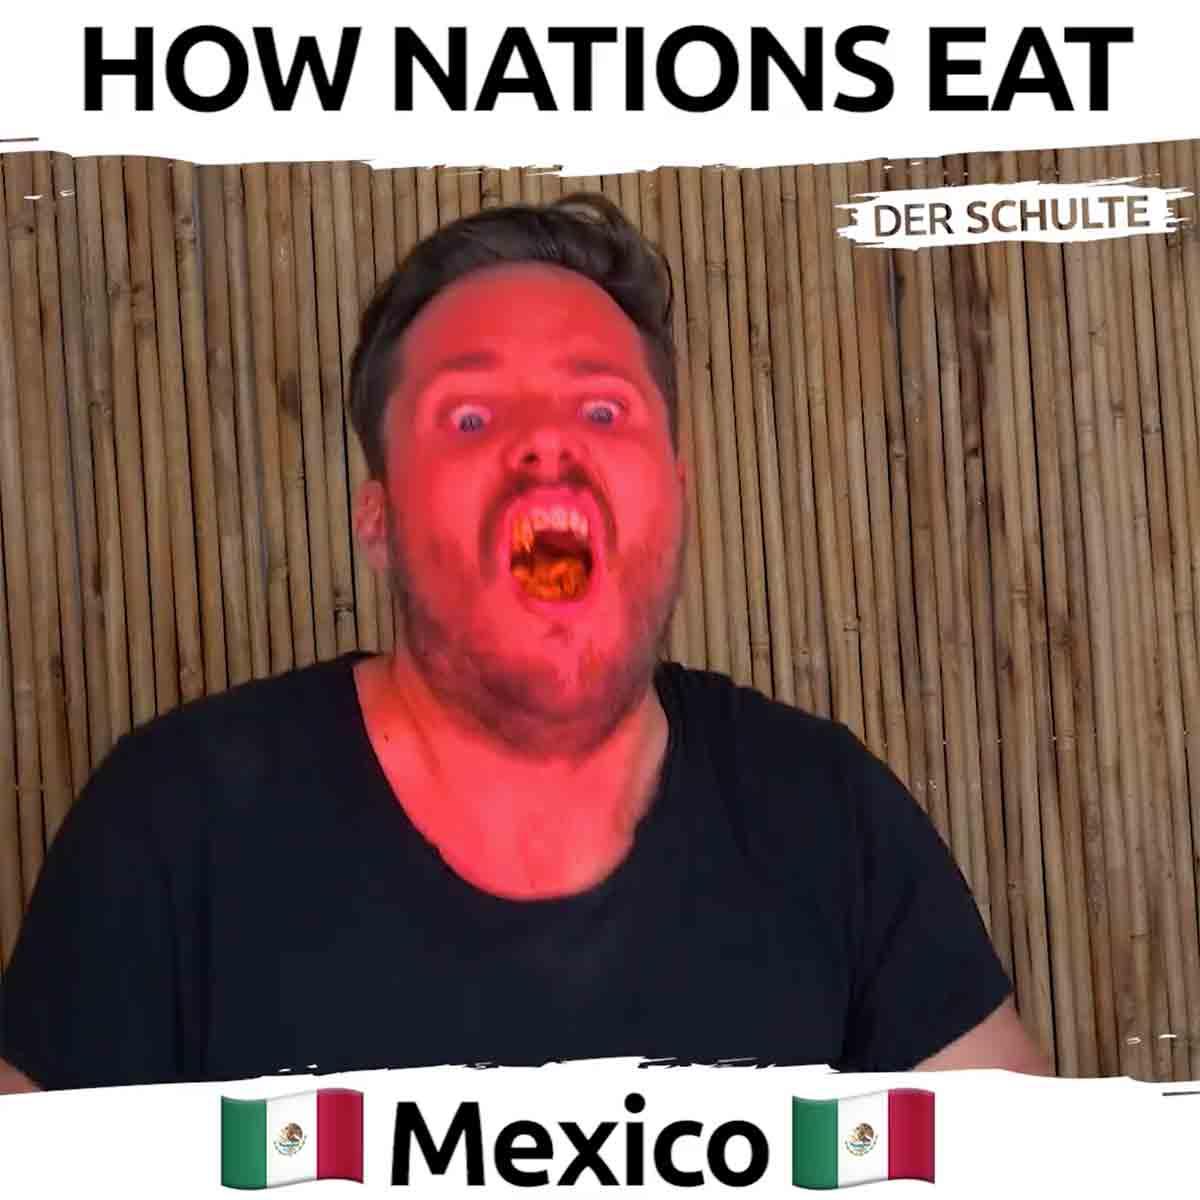 Slik spiser de i andre land